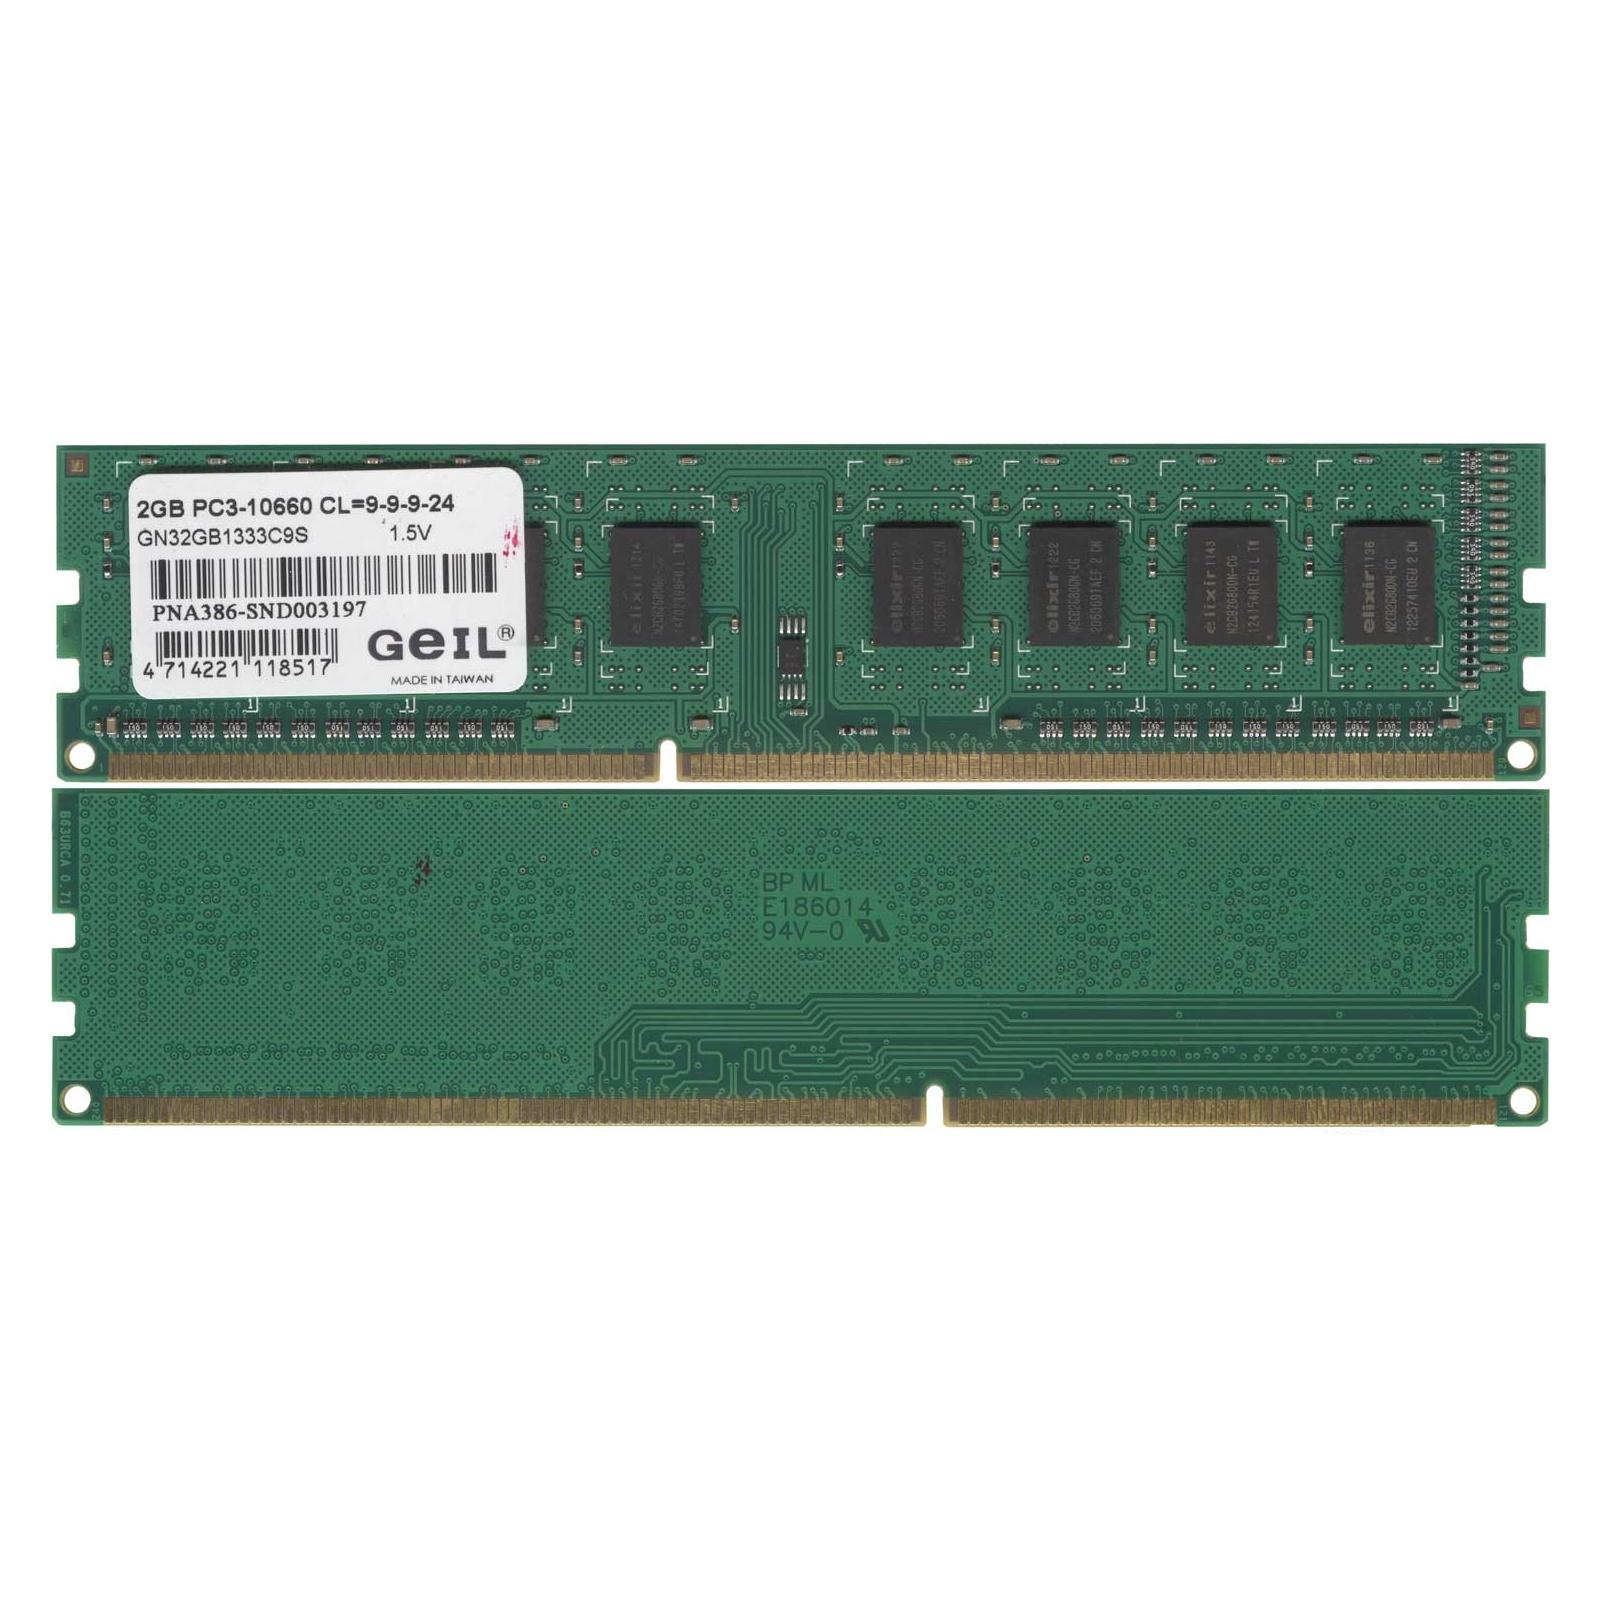 Модуль памяти для компьютера DDR3 2GB 1333 MHz GEIL (GN32GB1333C9S / GN32GB1333C9SN)